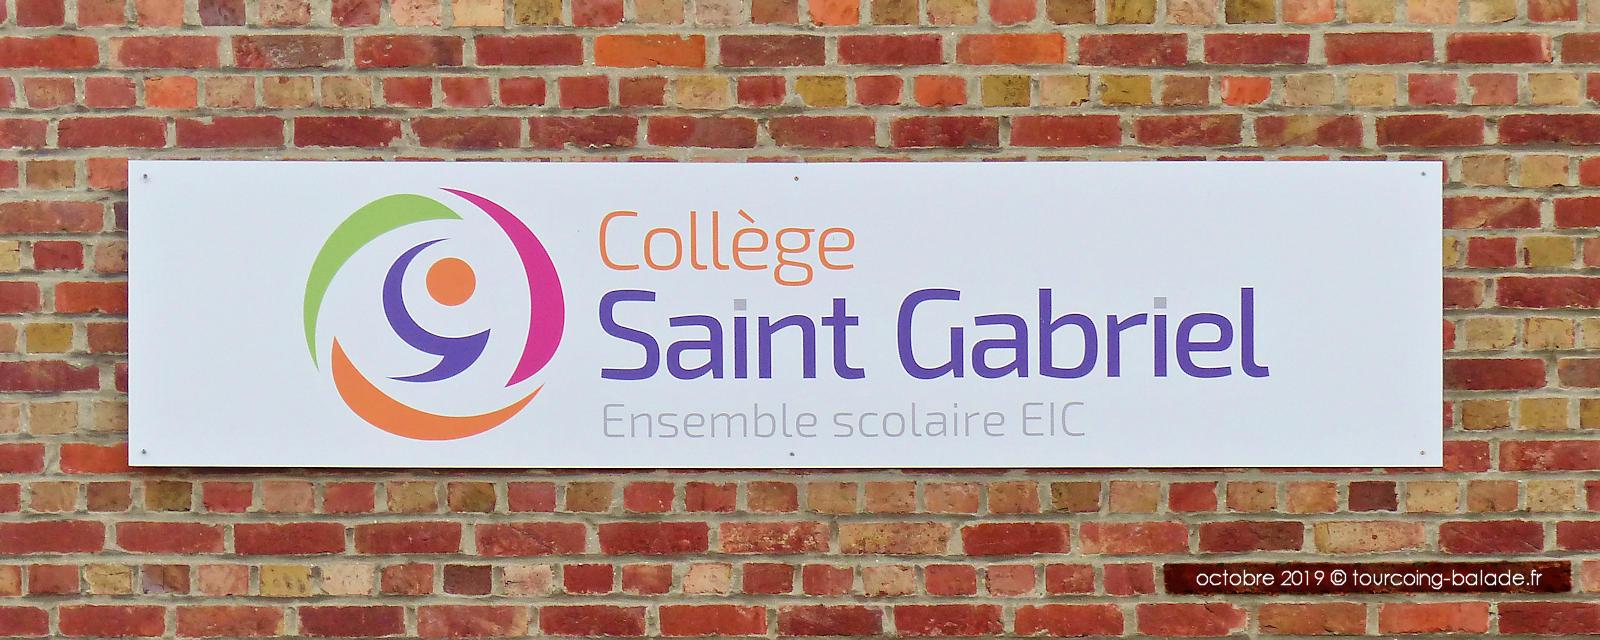 EIC Tourcoing - Collège Saint Gabriel